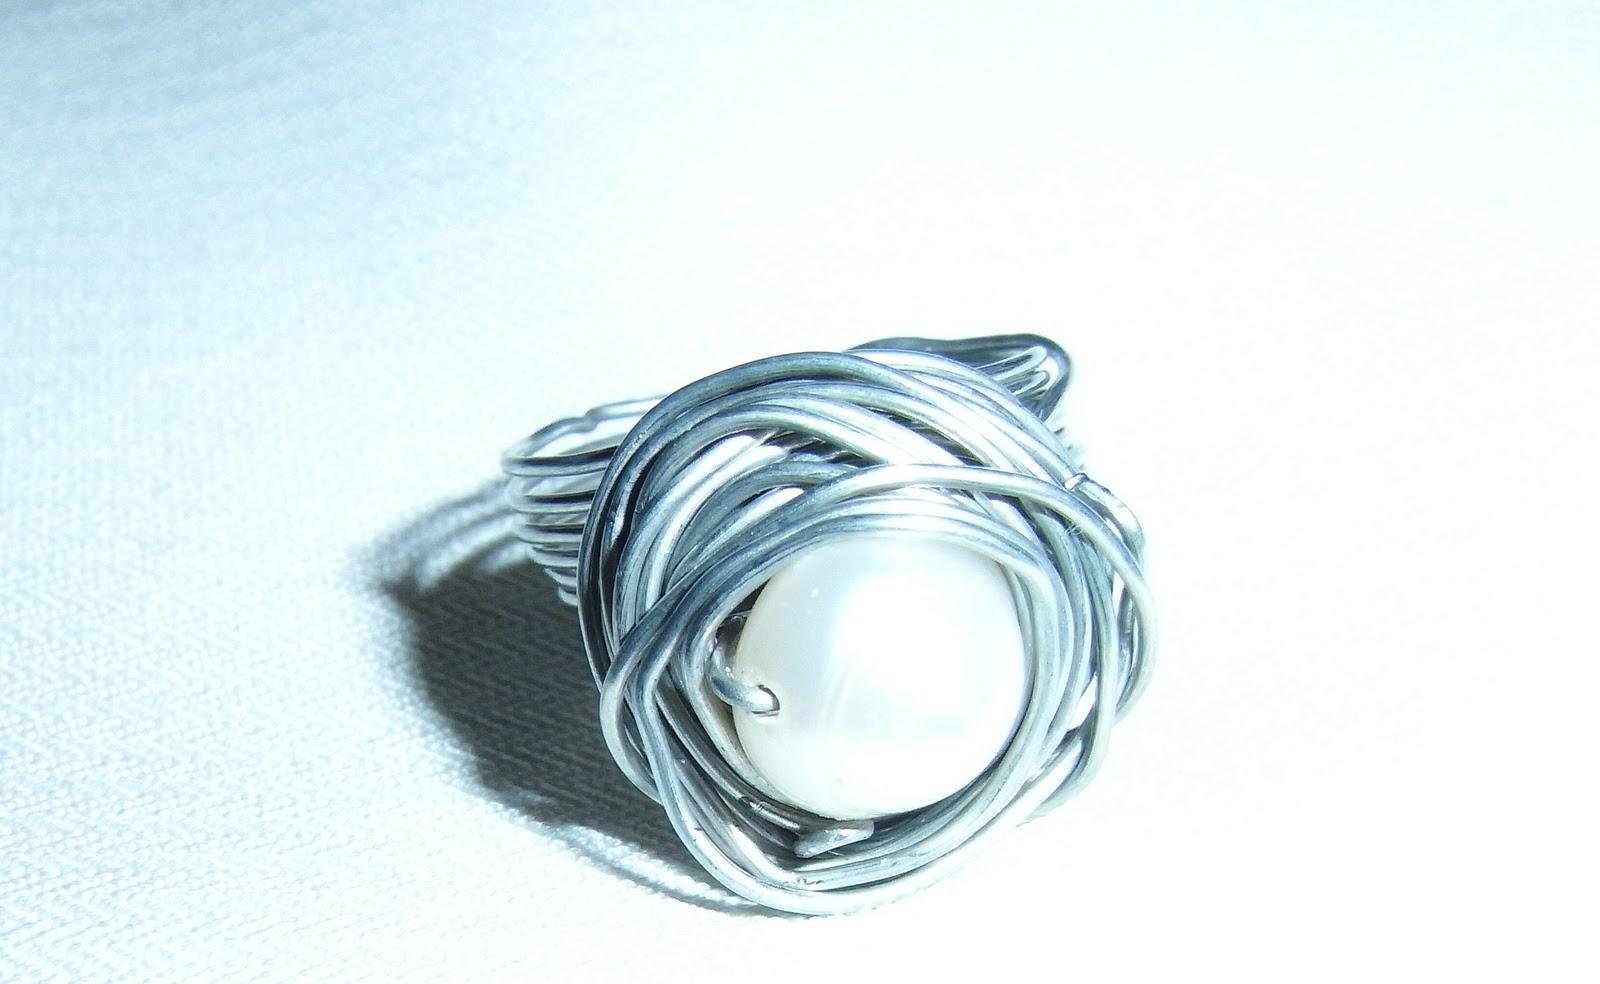 Bubu y p alambre galvanizado y perla de r o - Alambre galvanizado manualidades ...